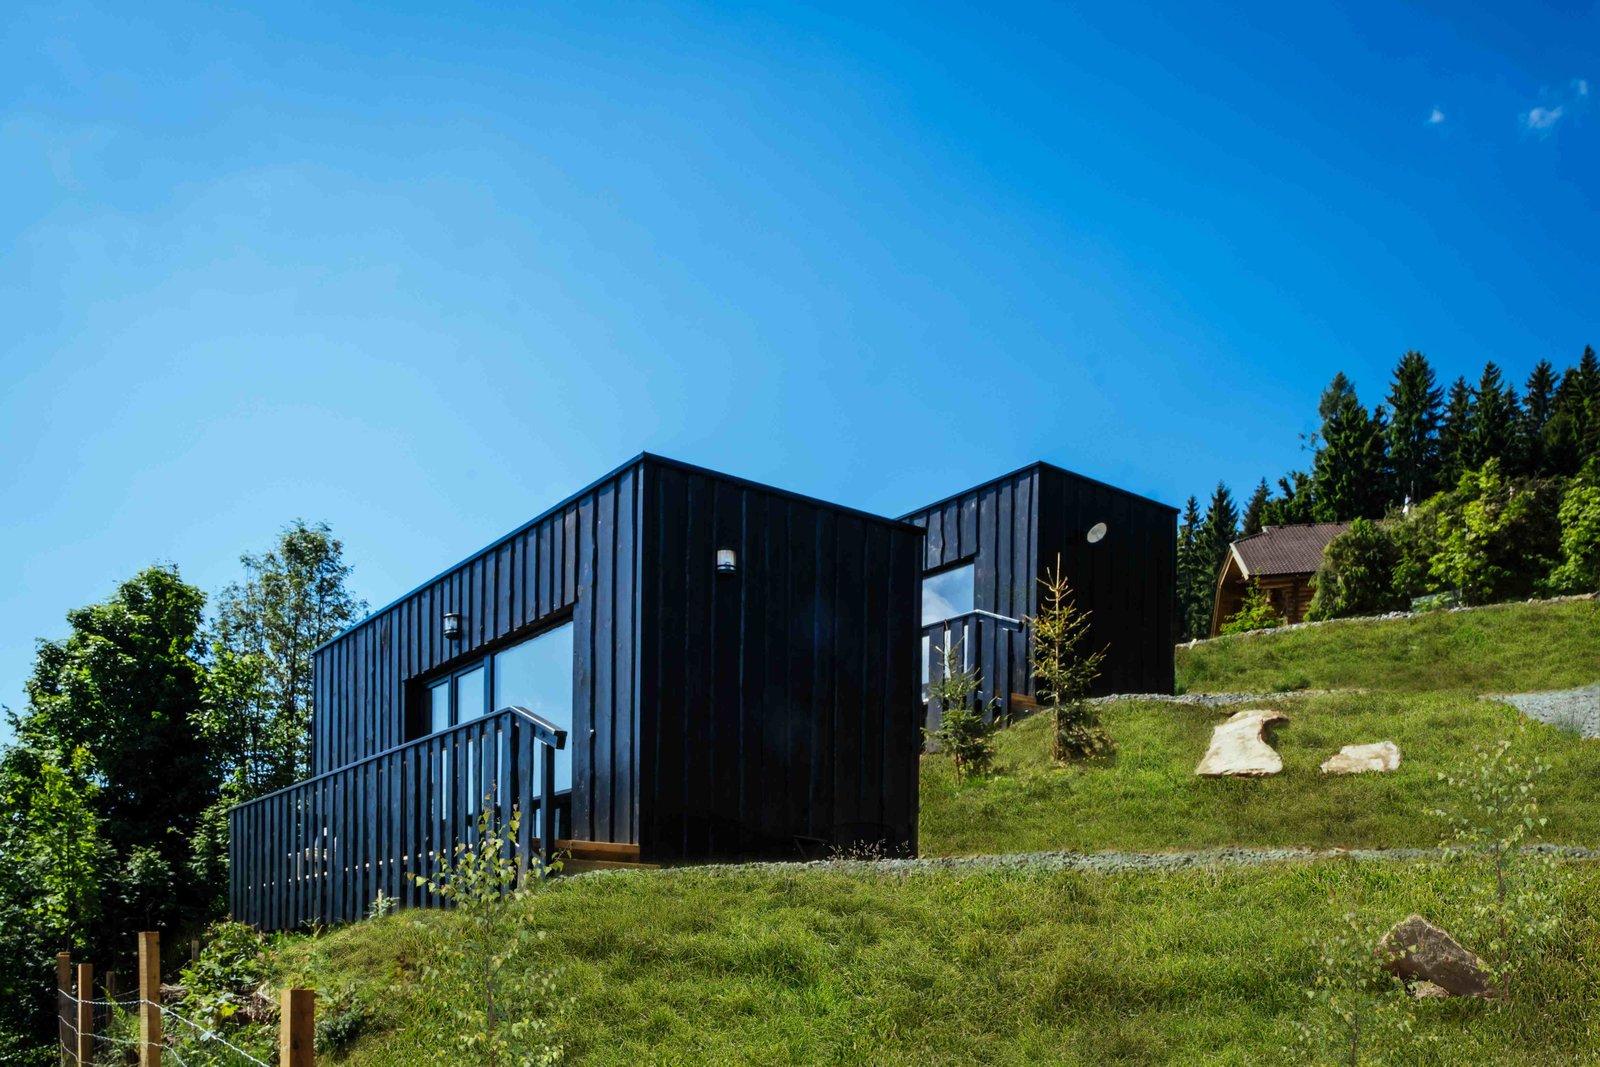 Verführerisch Commod Haus Foto Von Exterior, Small Home Building Type, Prefab Building